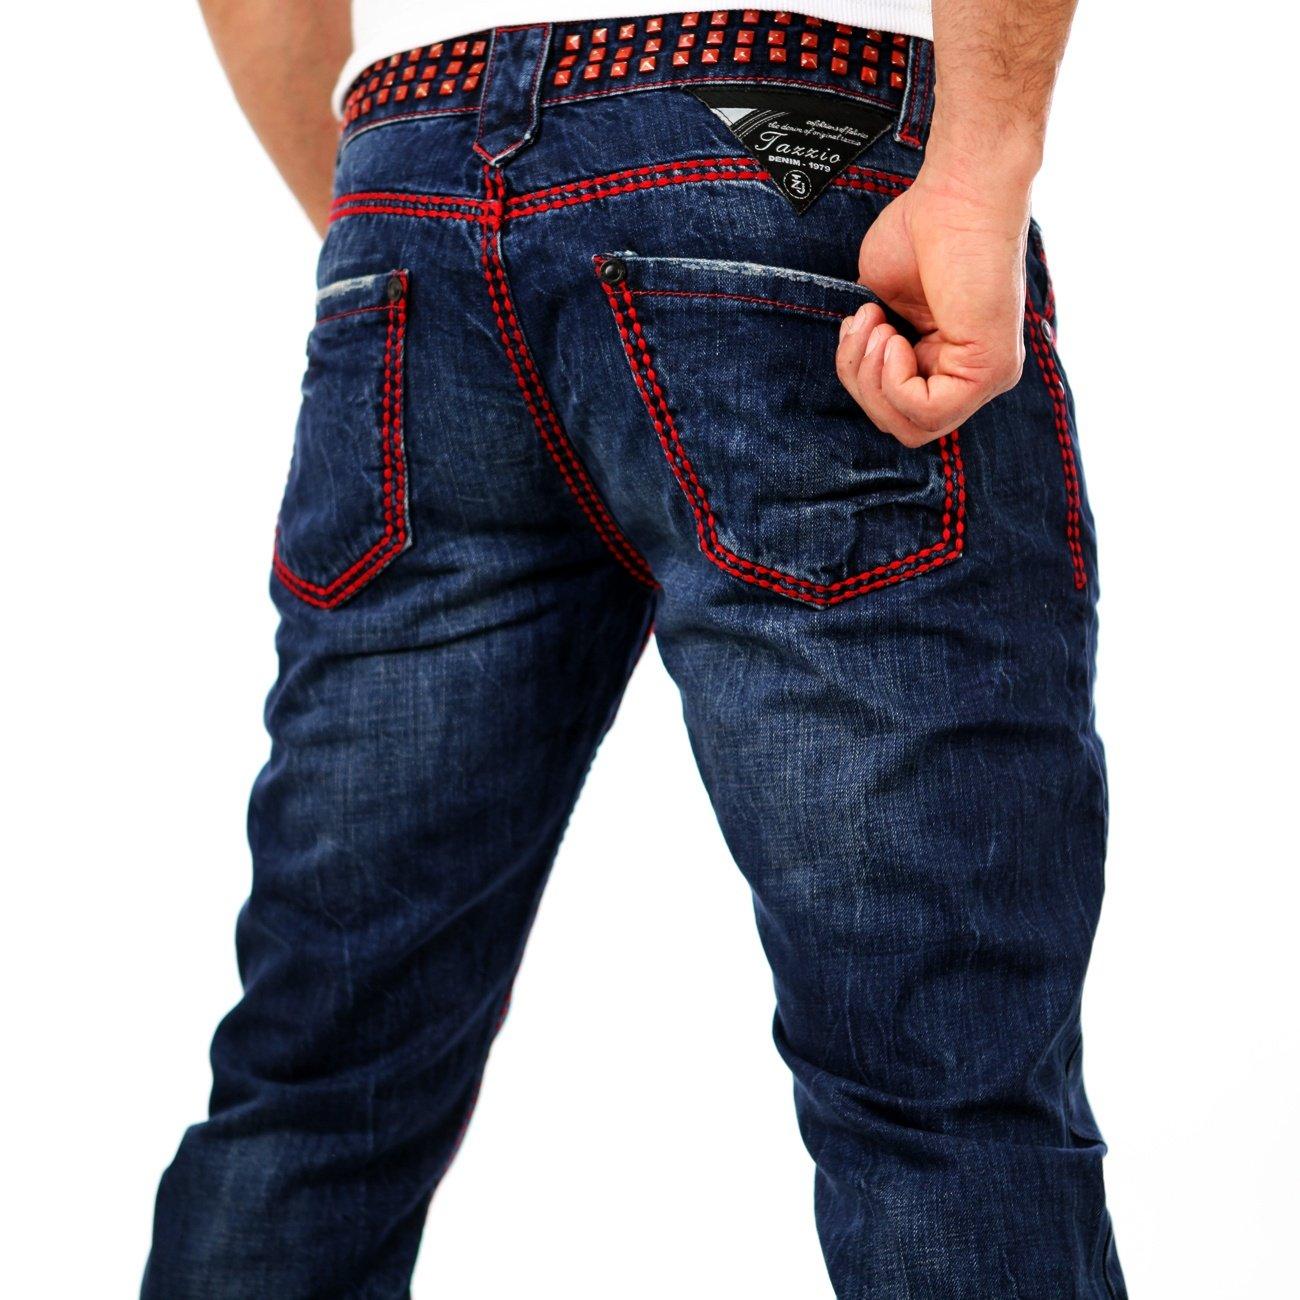 herren jeans mit nieten blau tazzio 5143 g nstig kaufen. Black Bedroom Furniture Sets. Home Design Ideas